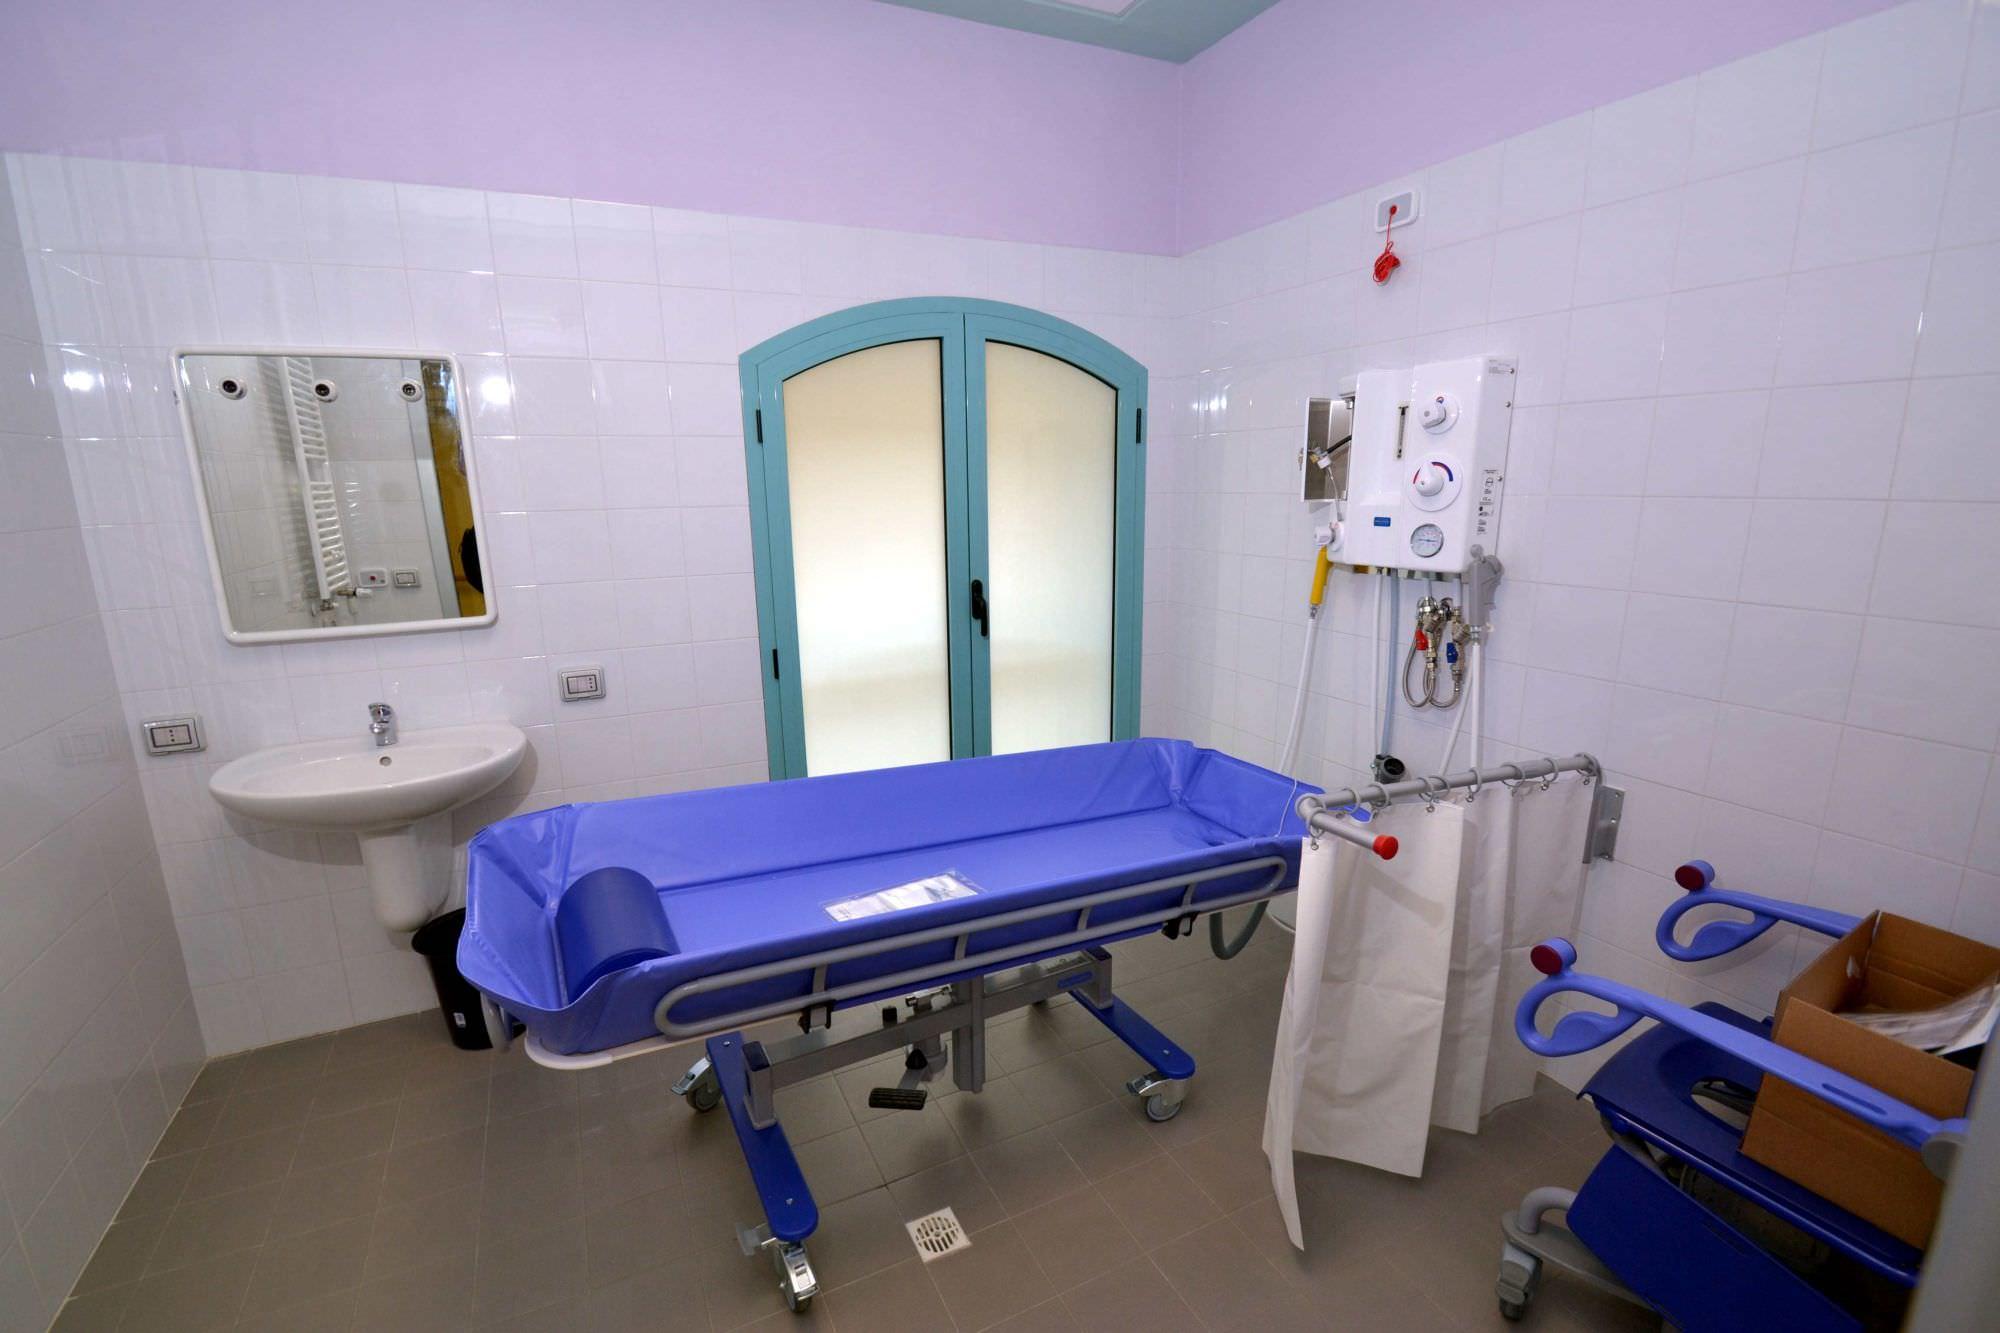 Viareggio apre la rsa tabarracci nell 39 ex ospedale della citt - Bagno assistito ...